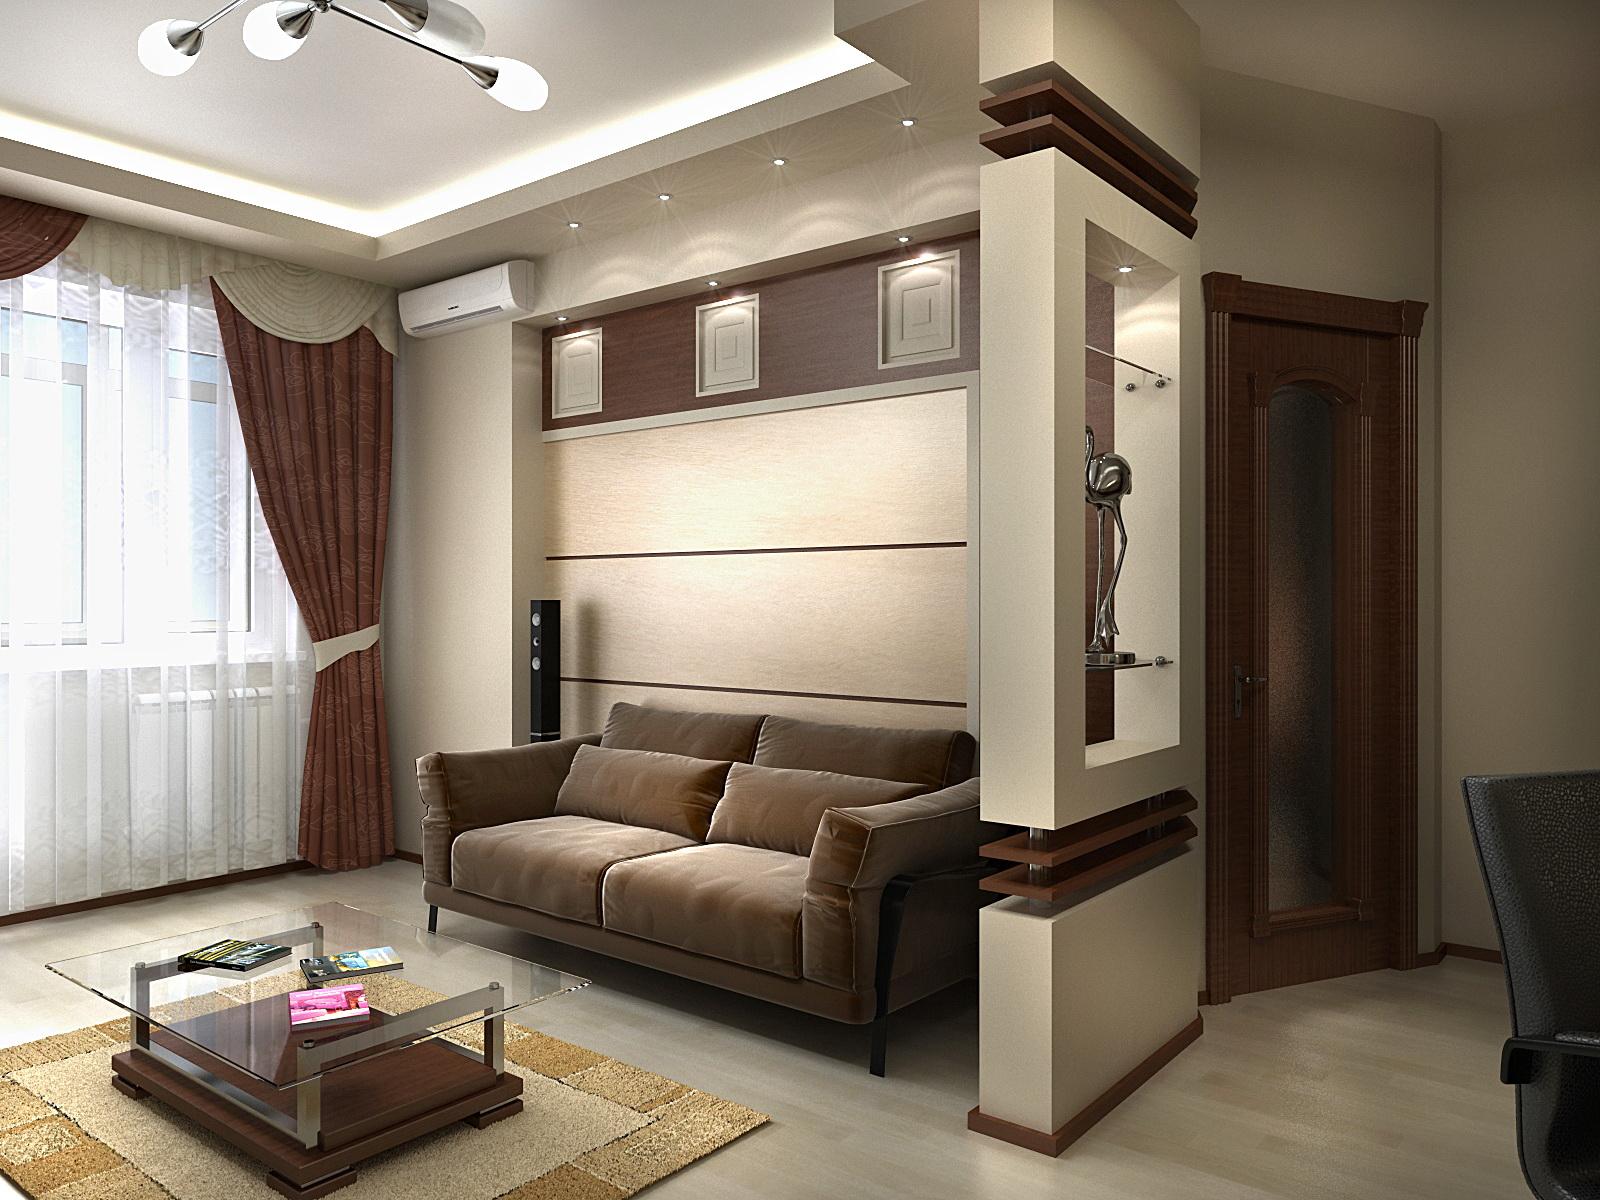 Дизайнерские интерьеры квартир фото